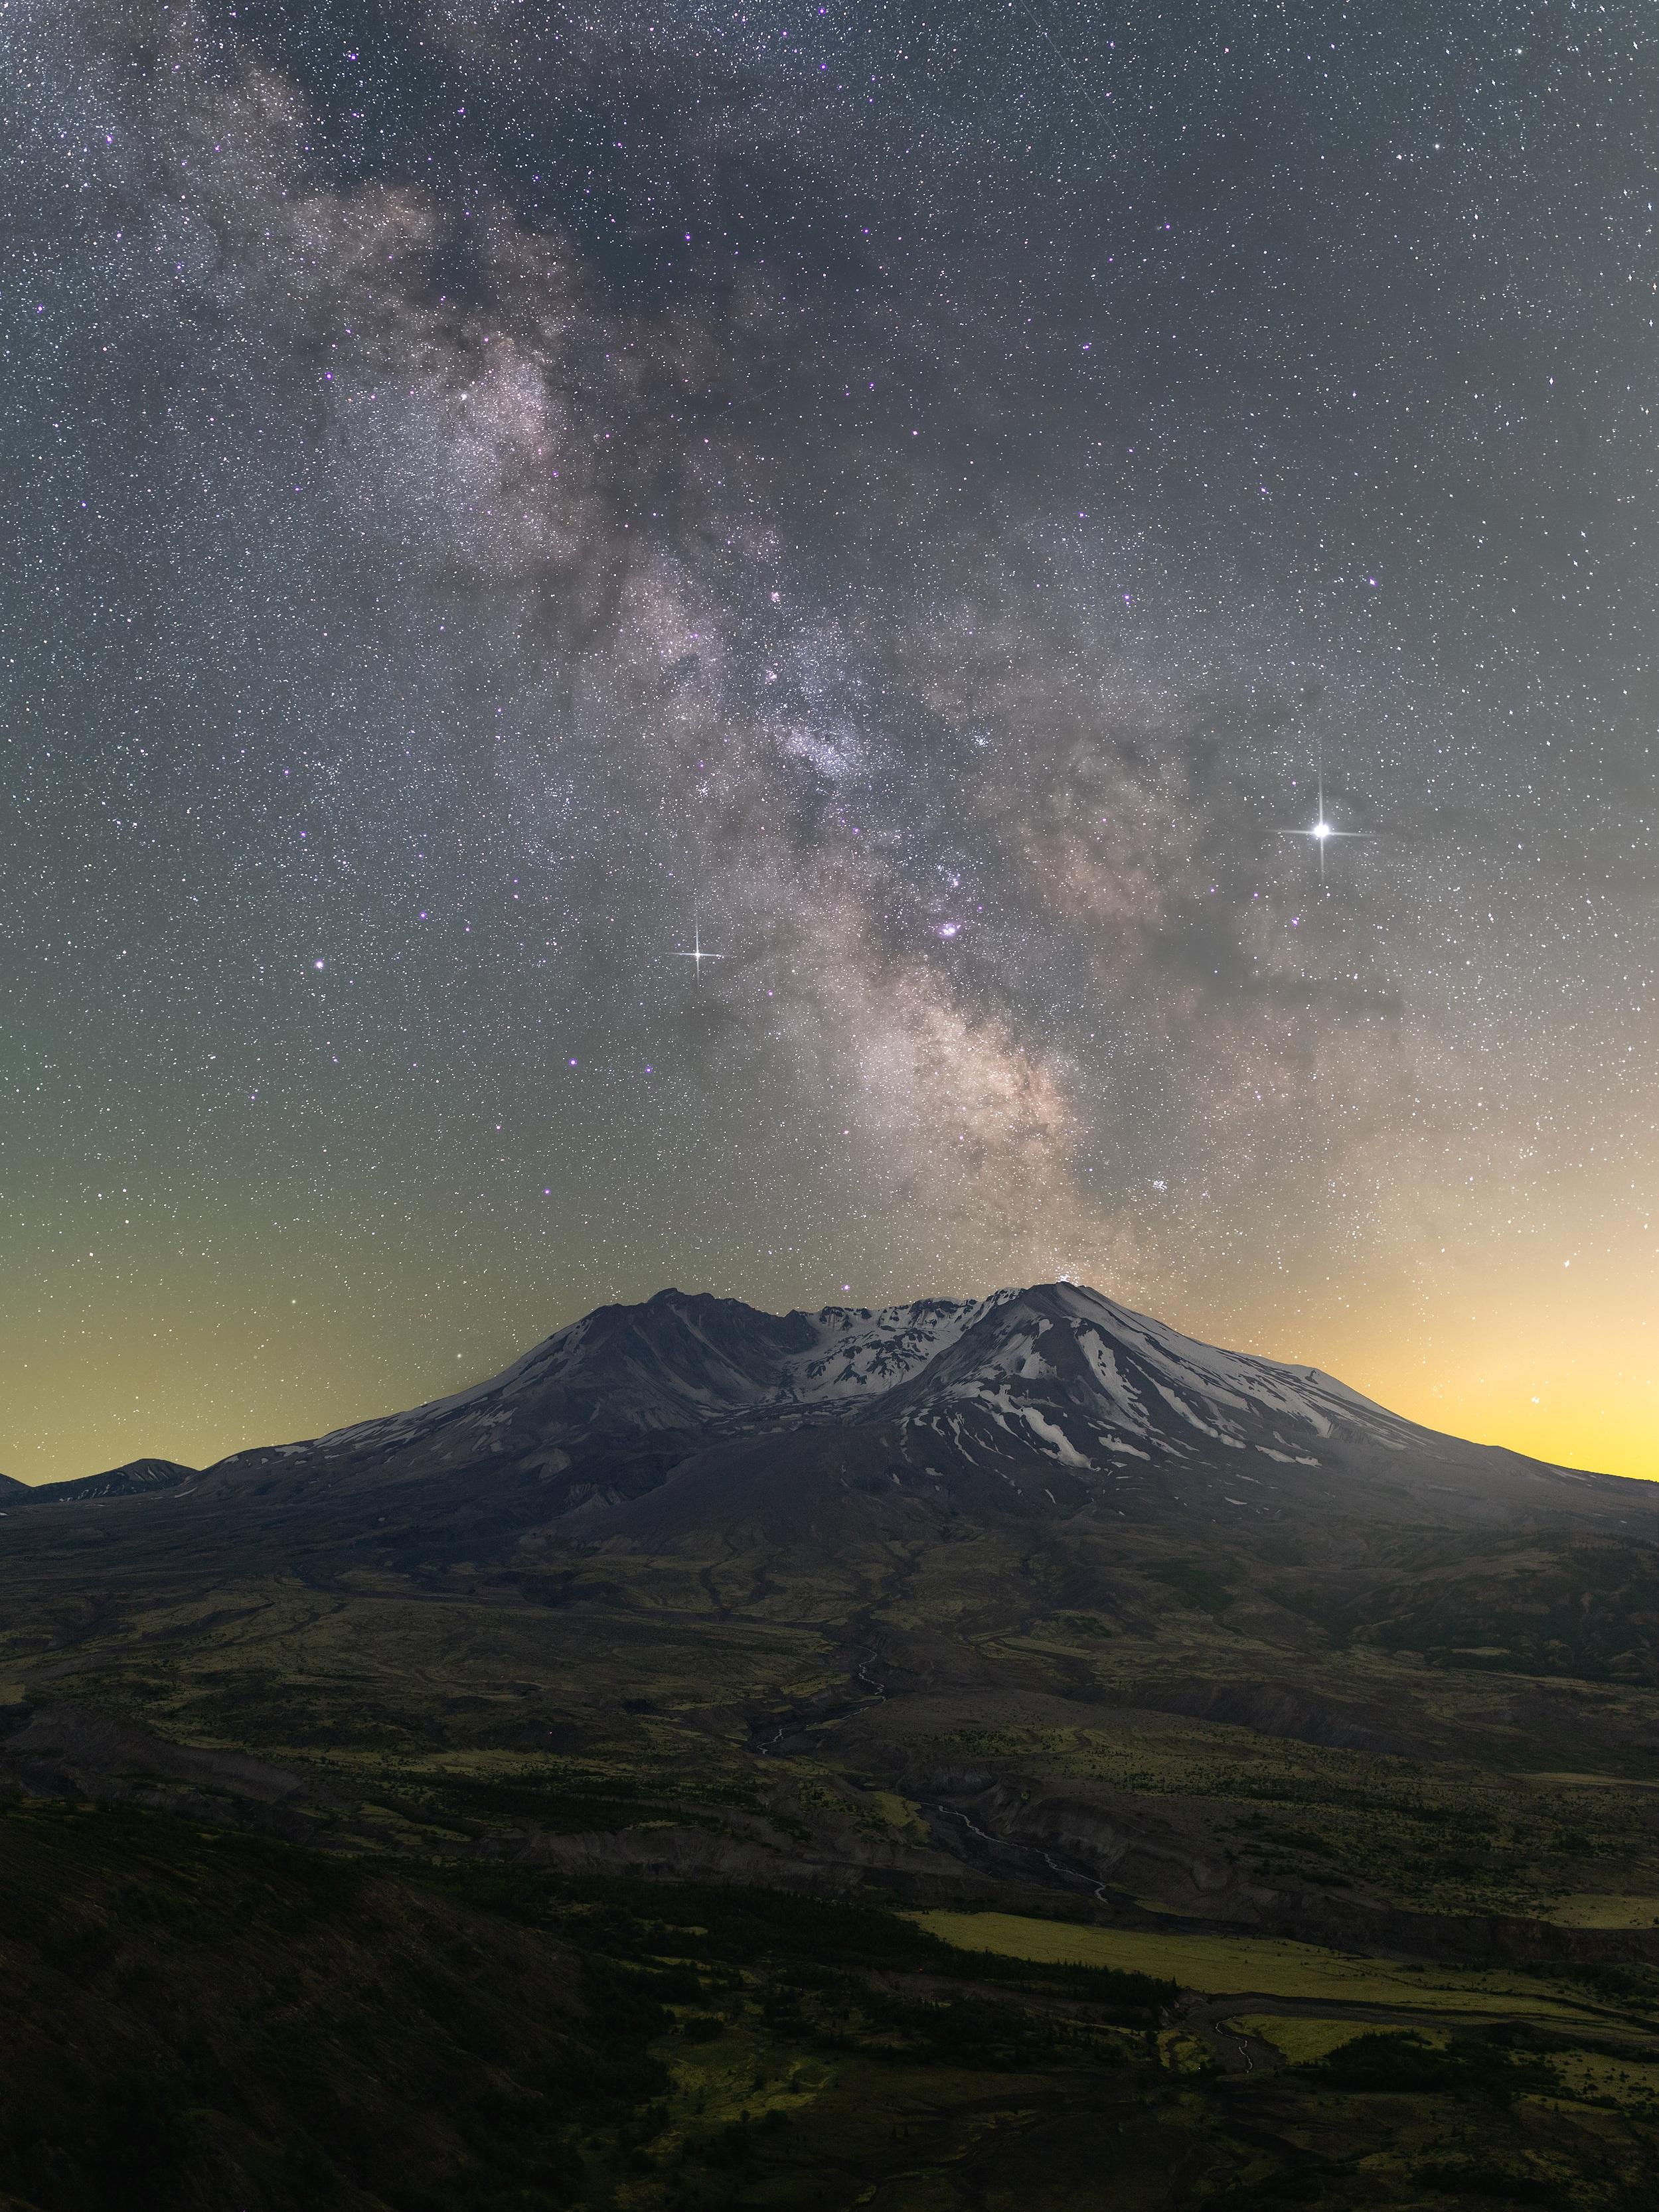 Mt. St. Helens - WA